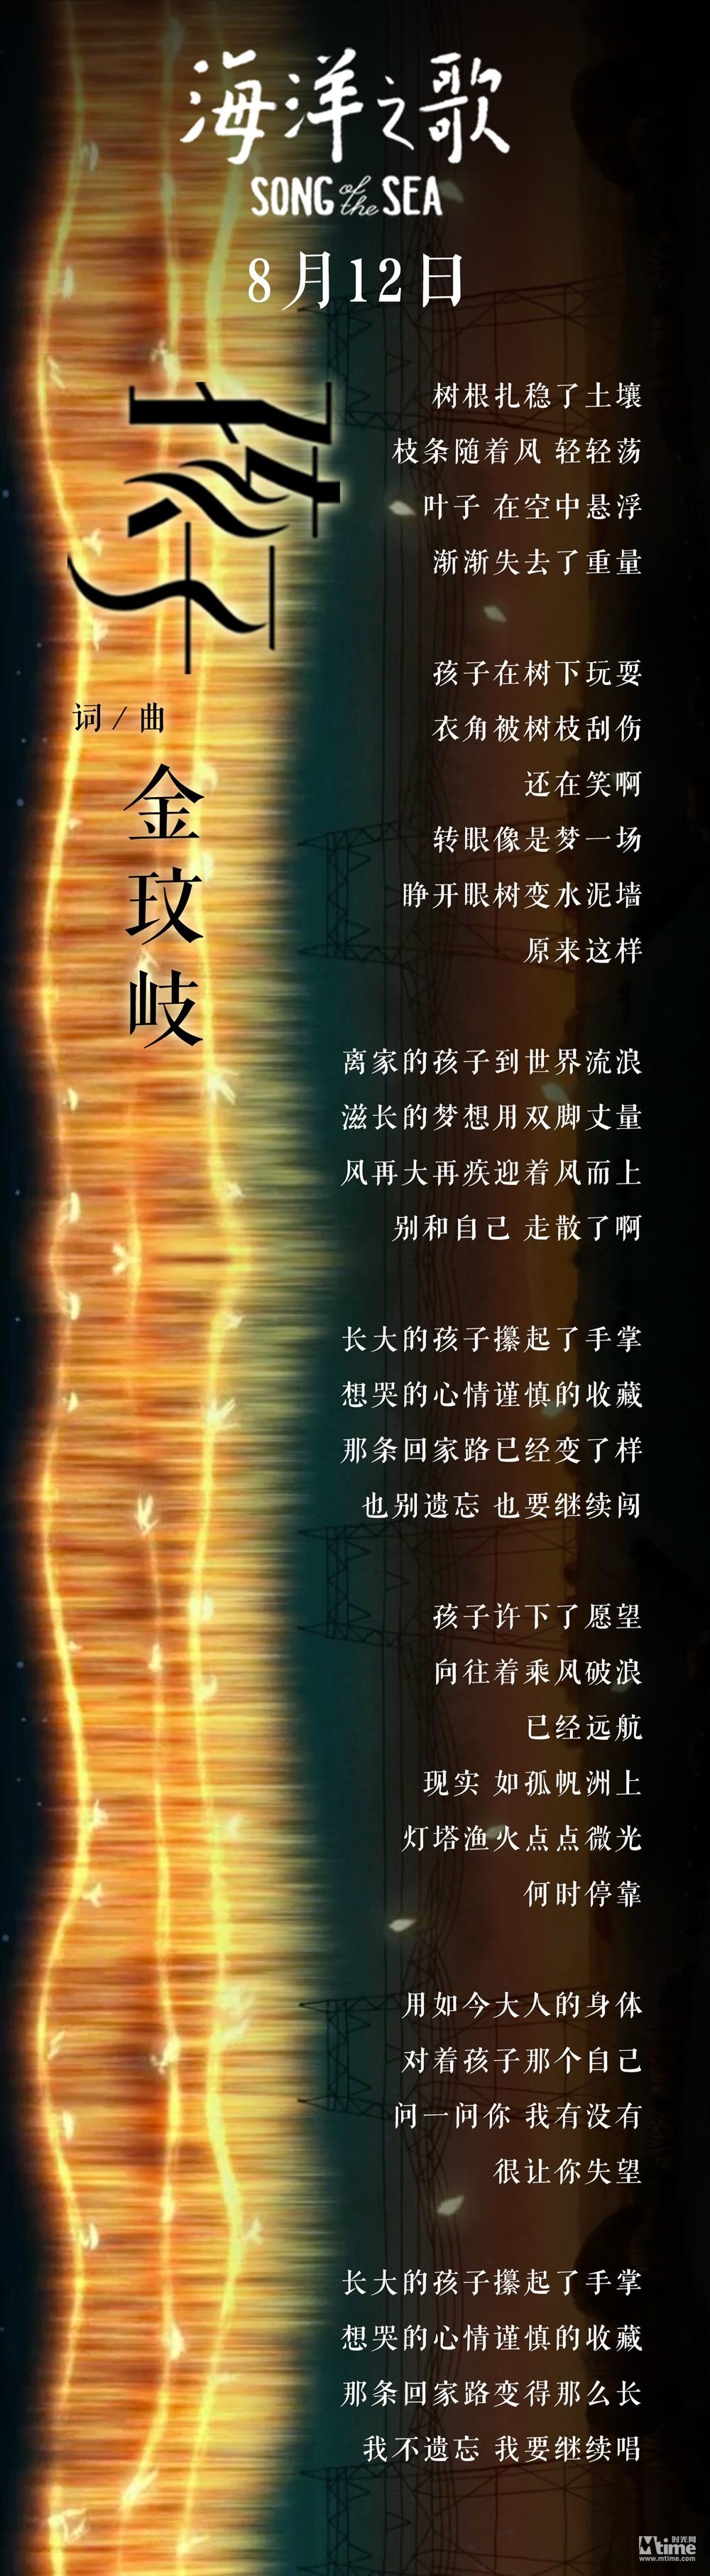 红尘情歌 歌词歌谱,图片尺寸:639×860,来自网页:http://www.xuexila.